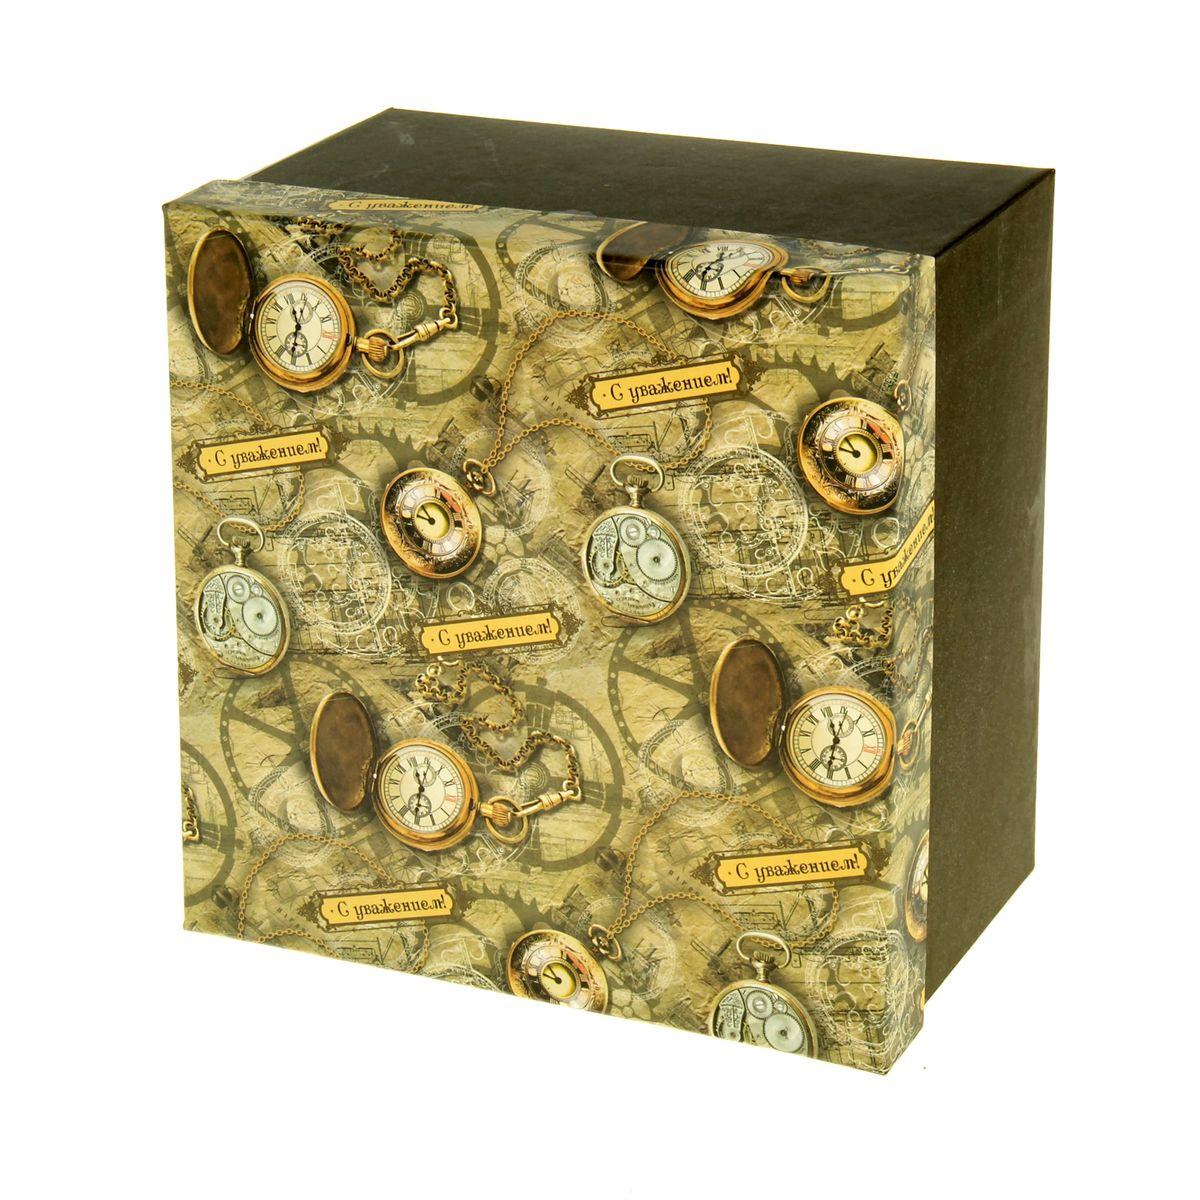 Подарочная коробка Sima-land Часы, 20 х 20 х 11,5 смC0042415Подарочная коробка Sima-land Часы выполнена из плотного картона. Крышка оформлена ярким изображением часов и надписью С уважением!.Подарочная коробка - это наилучшее решение, если вы хотите порадовать вашихблизких и создать праздничное настроение, ведь подарок, преподнесенный воригинальной упаковке, всегда будет самым эффектным и запоминающимся.Окружите близких людей вниманием и заботой, вручив презент в нарядном,праздничном оформлении.